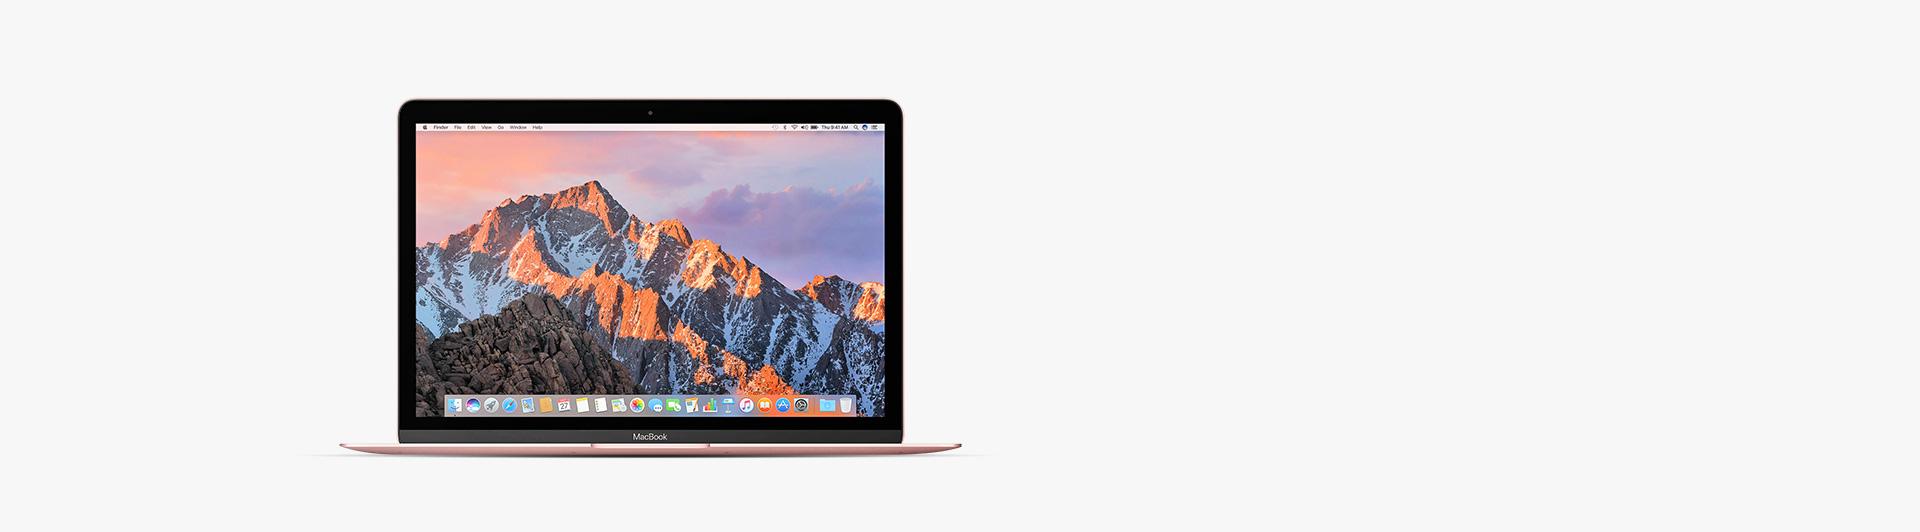 Macbook 12 inch 256GB (2017) hồng sở hữu thiết kế tinh tế, sang trọng